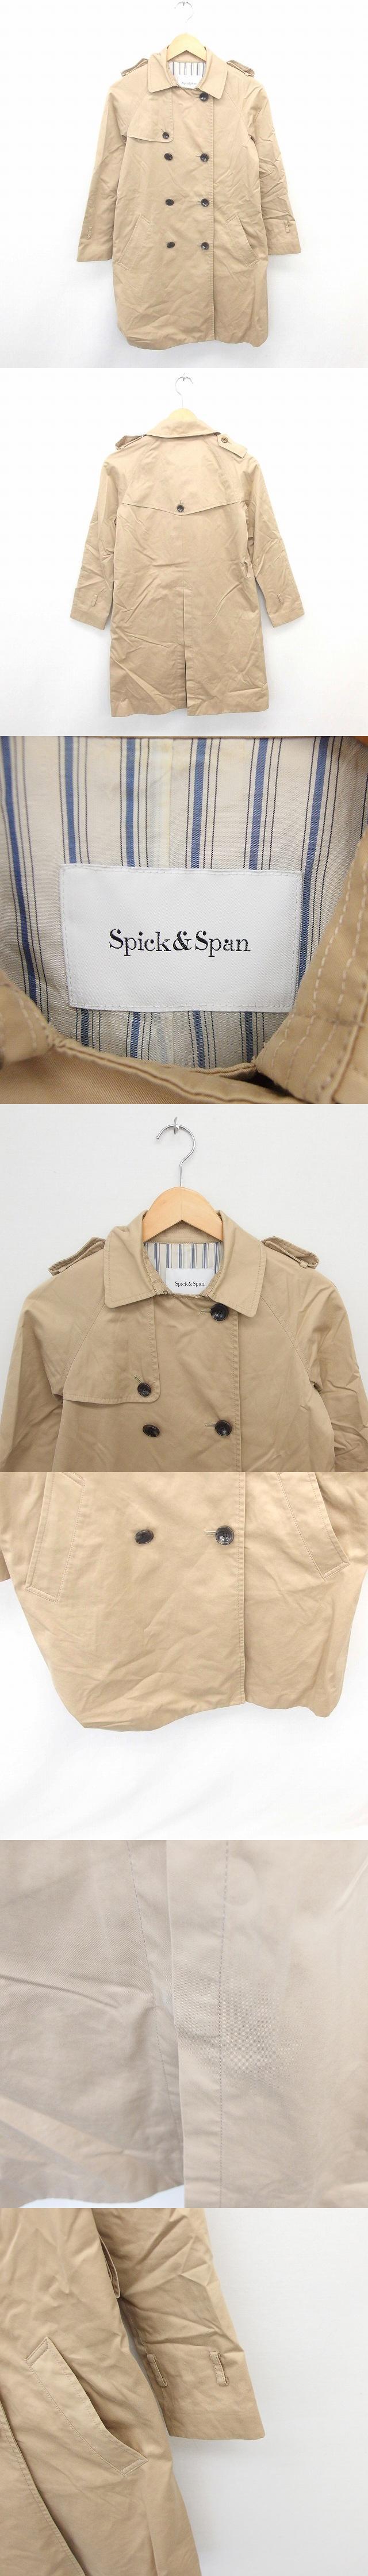 コート アウター ステンカラー 膝下丈 ダブルボタン 綿 コットン 長袖 36 薄茶 ベージュ /TT3